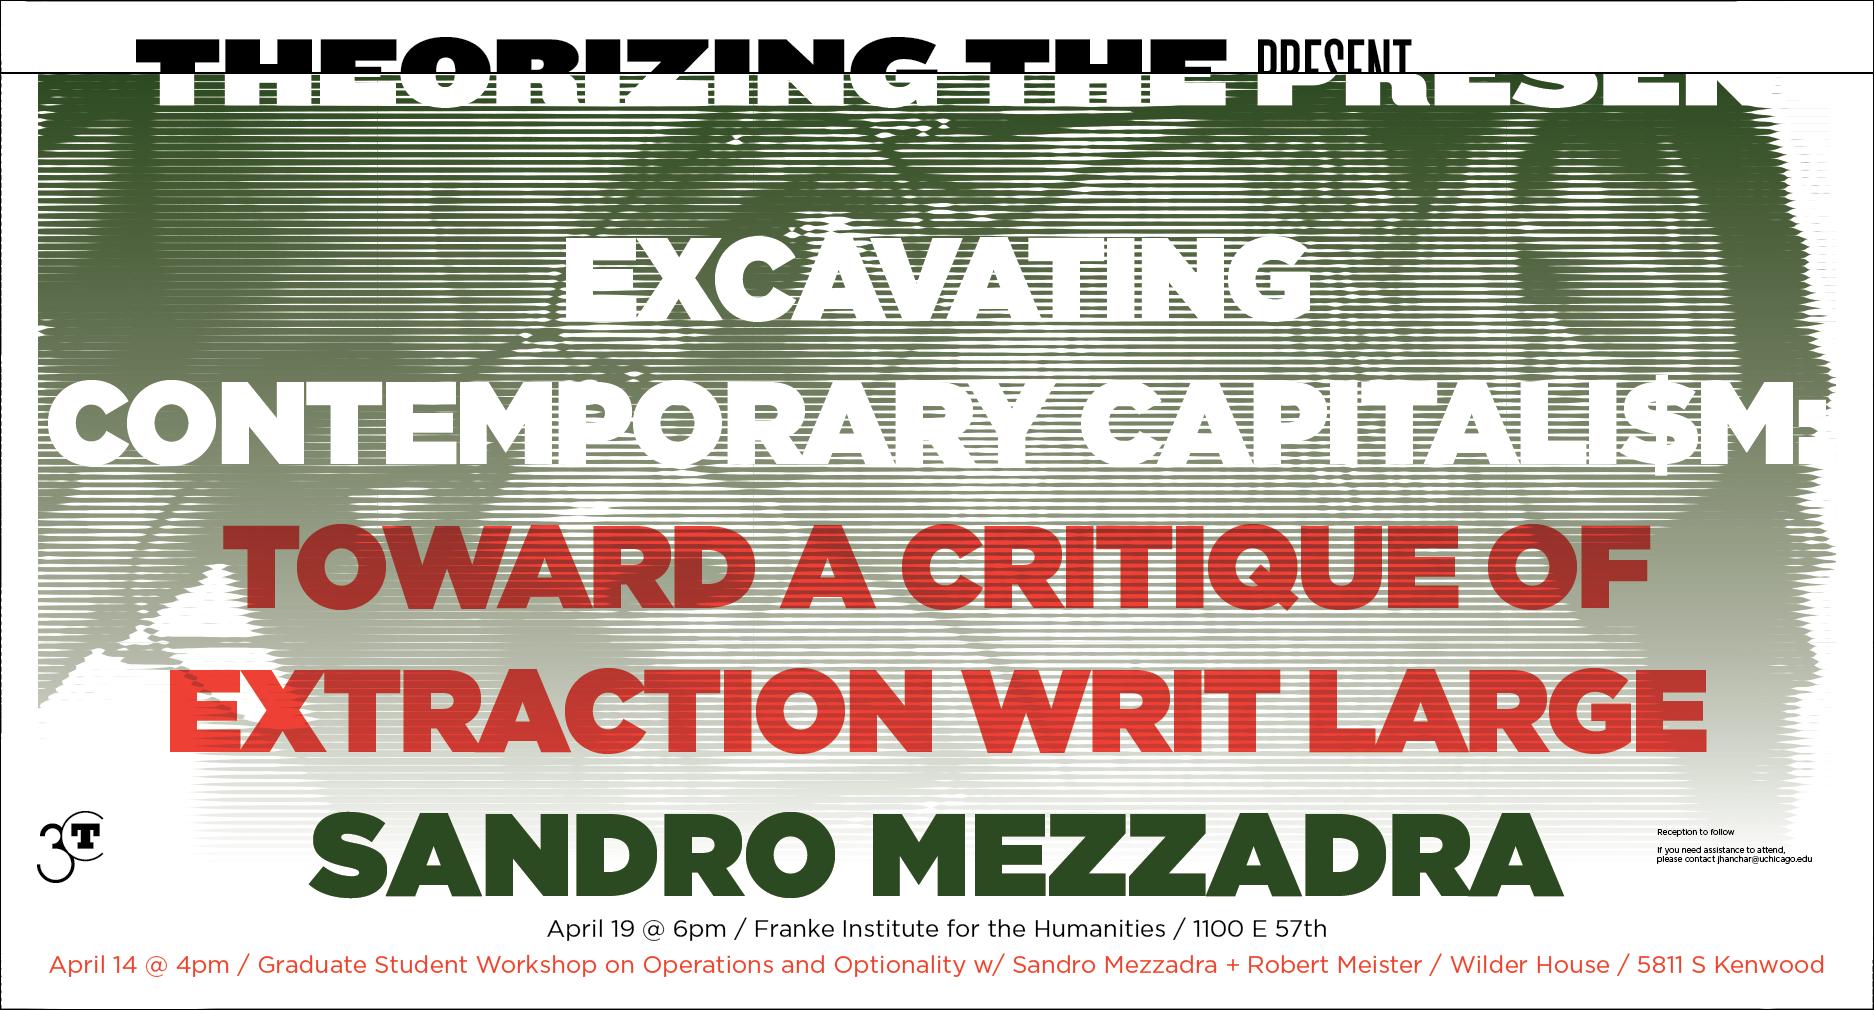 Poster for Sandro Mezzandra event